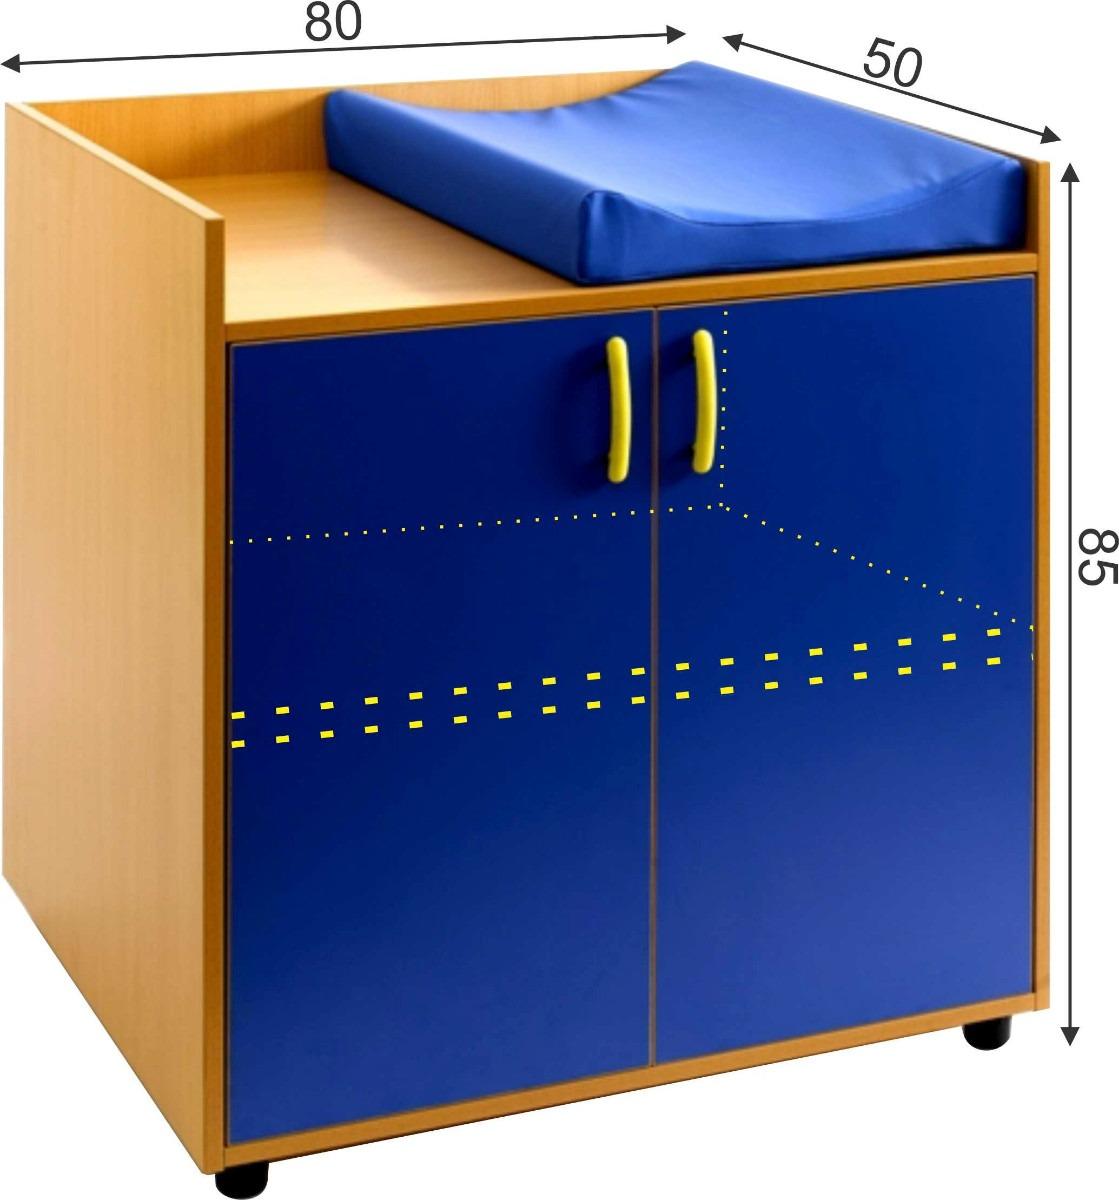 Mueble para guarderia kinder mobiliario bebe cambiador - Colchon para cambiador de bebe ...